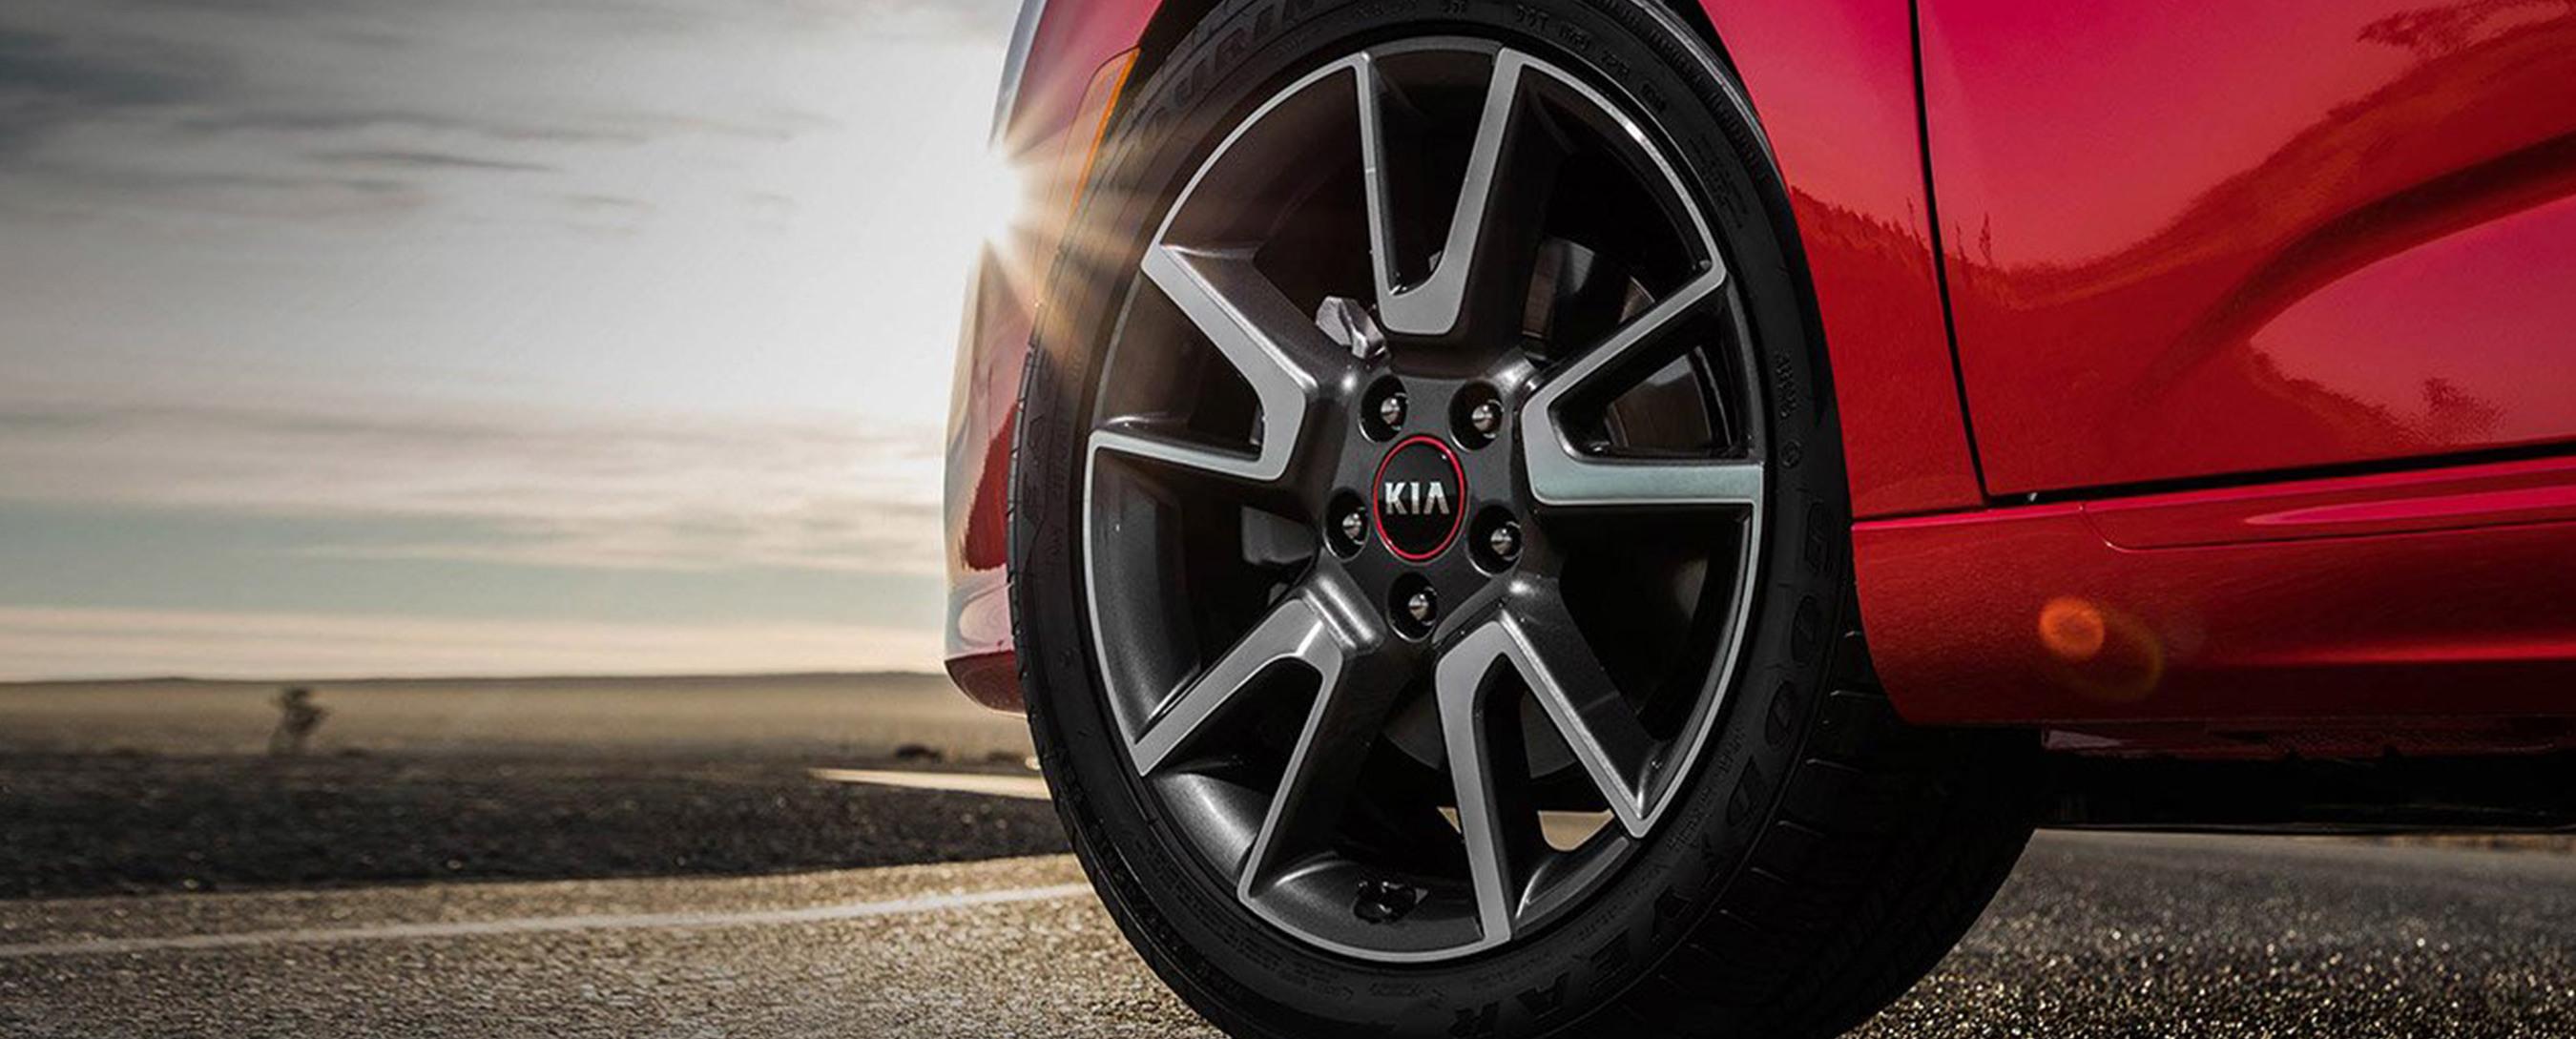 2020 Kia Soul Wheels